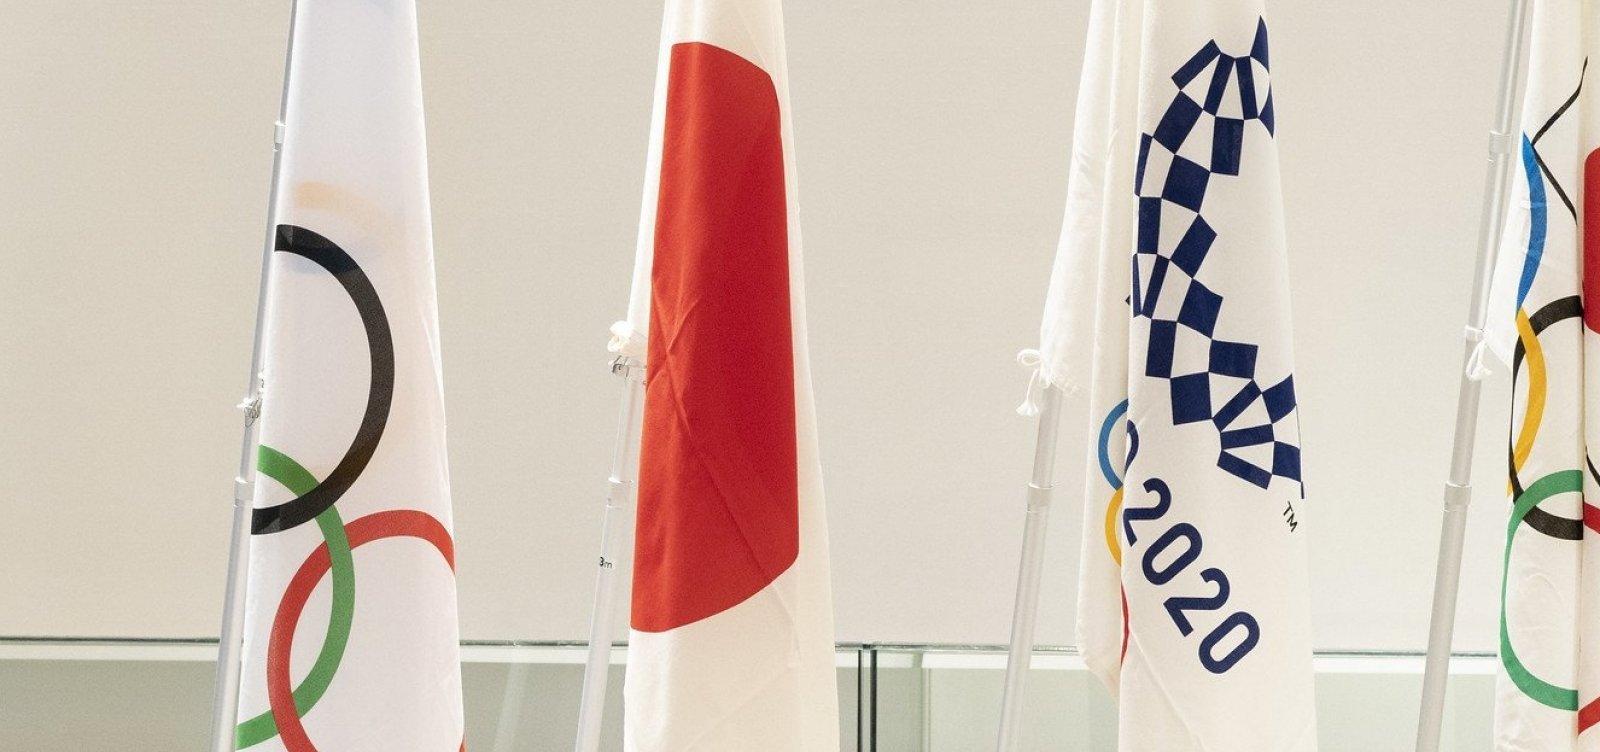 [Depois de ser pressionado, chefe da Olimpíada de Tóquio renuncia]